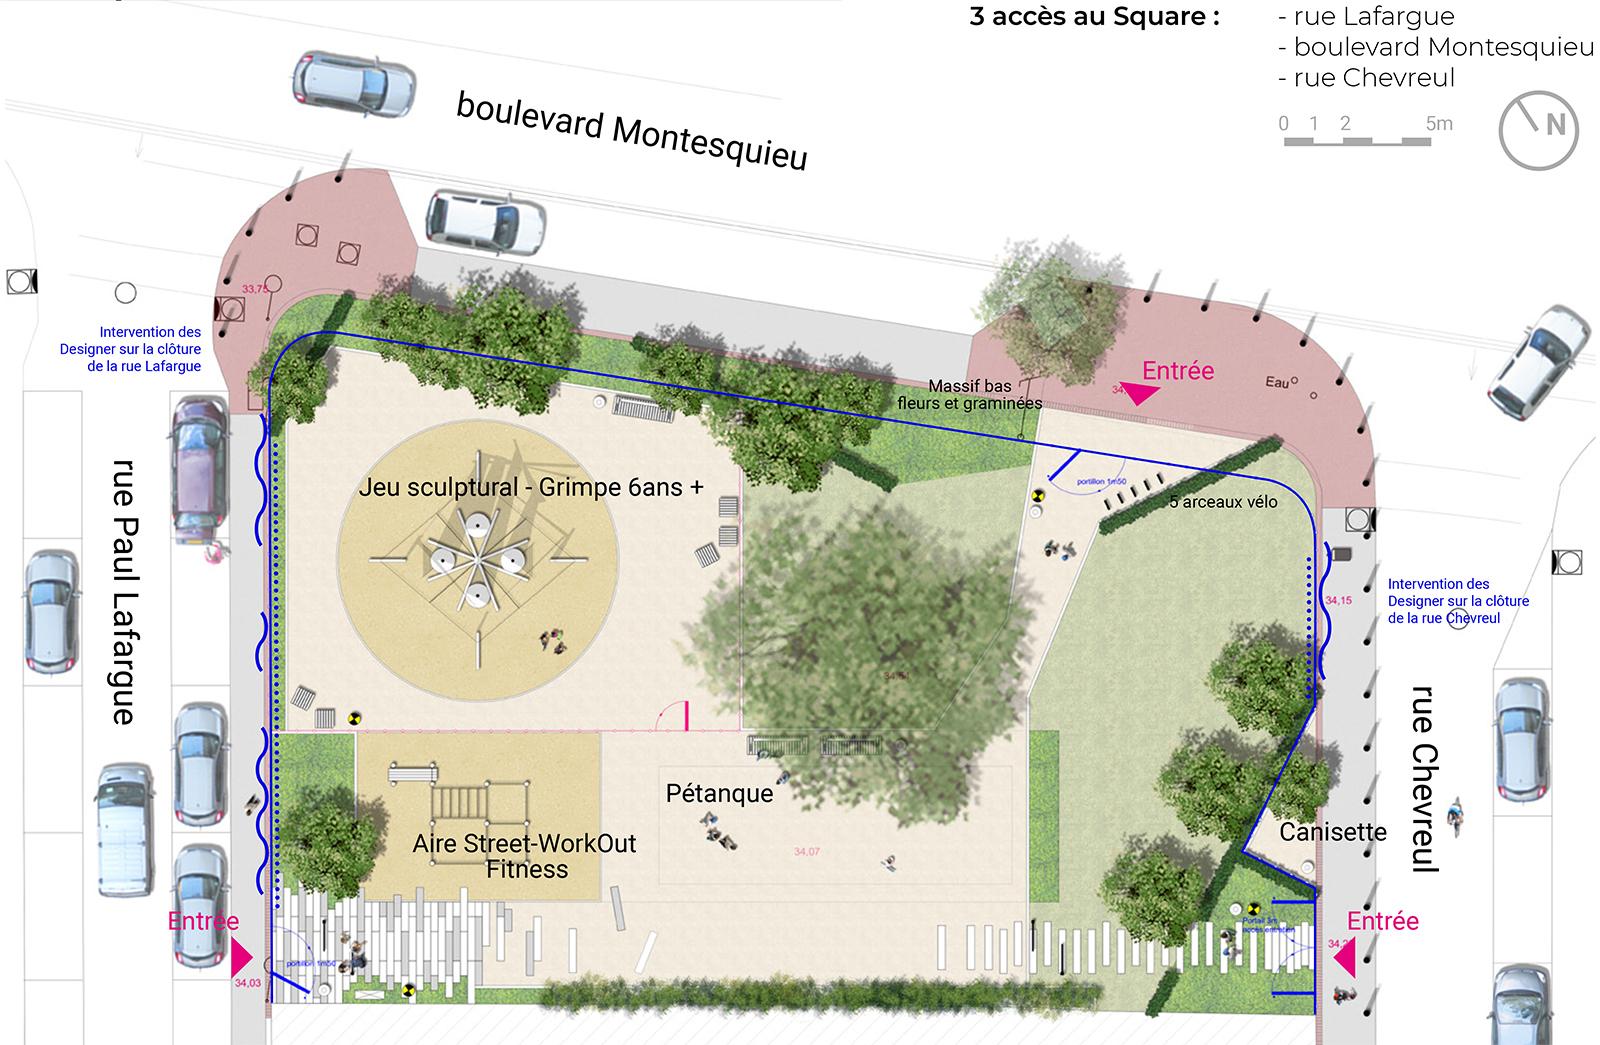 plan aménagements paysagers espaces publics square missant